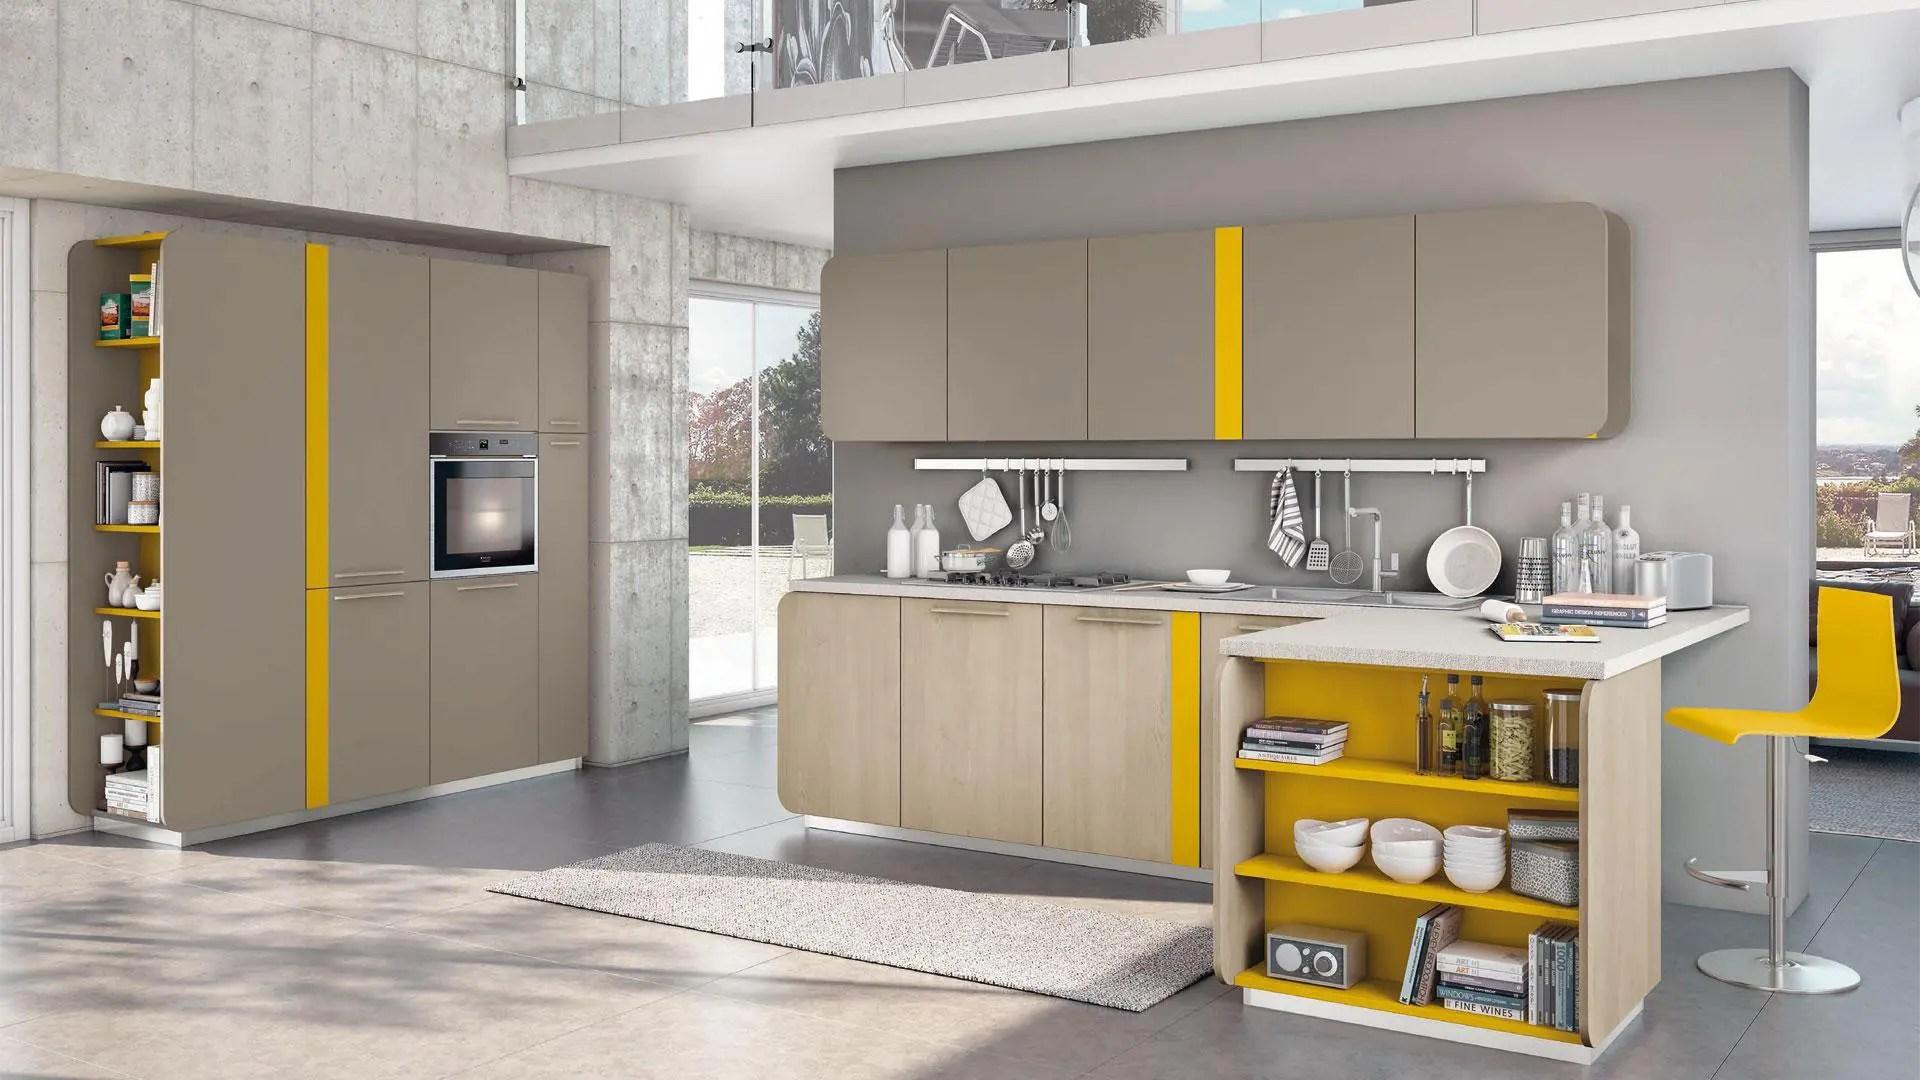 Cucine Lube a Torino  Arredalcasa